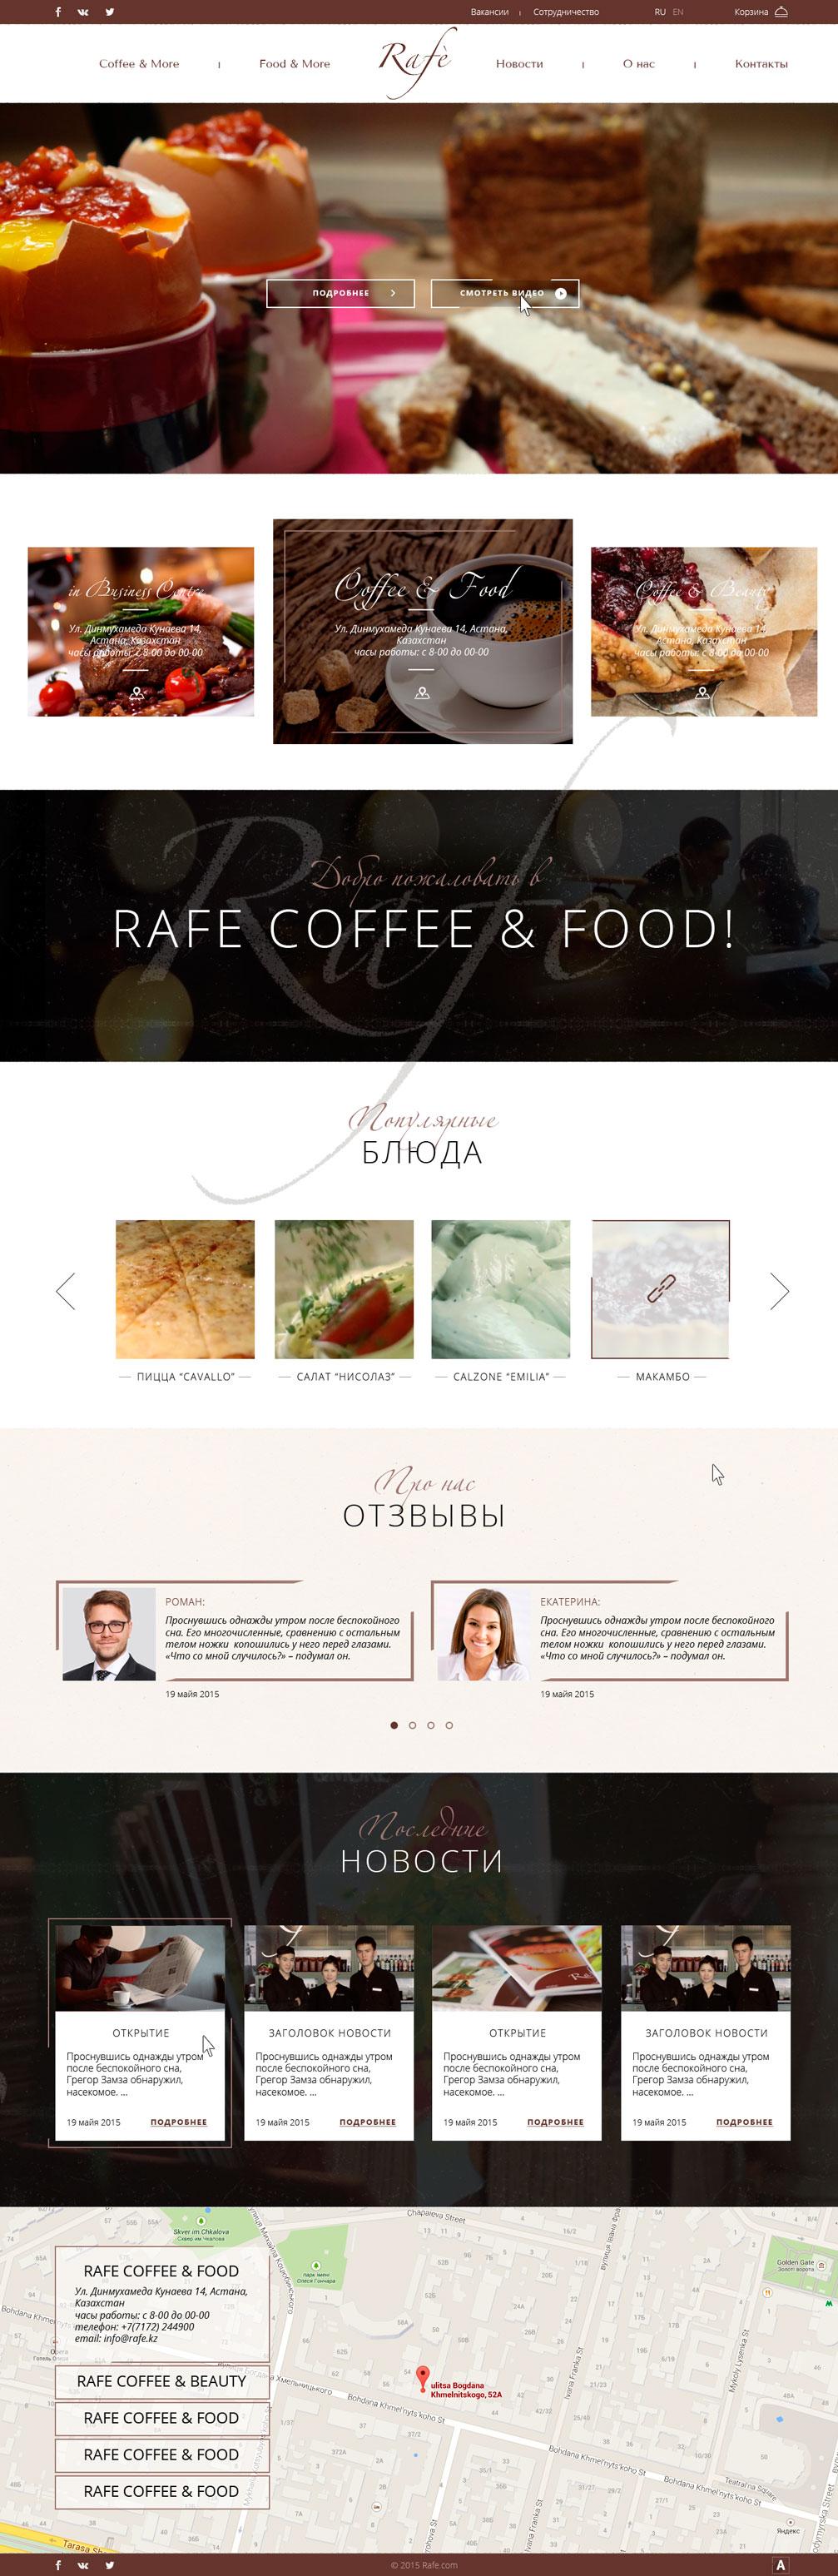 Кафе «Rafe»